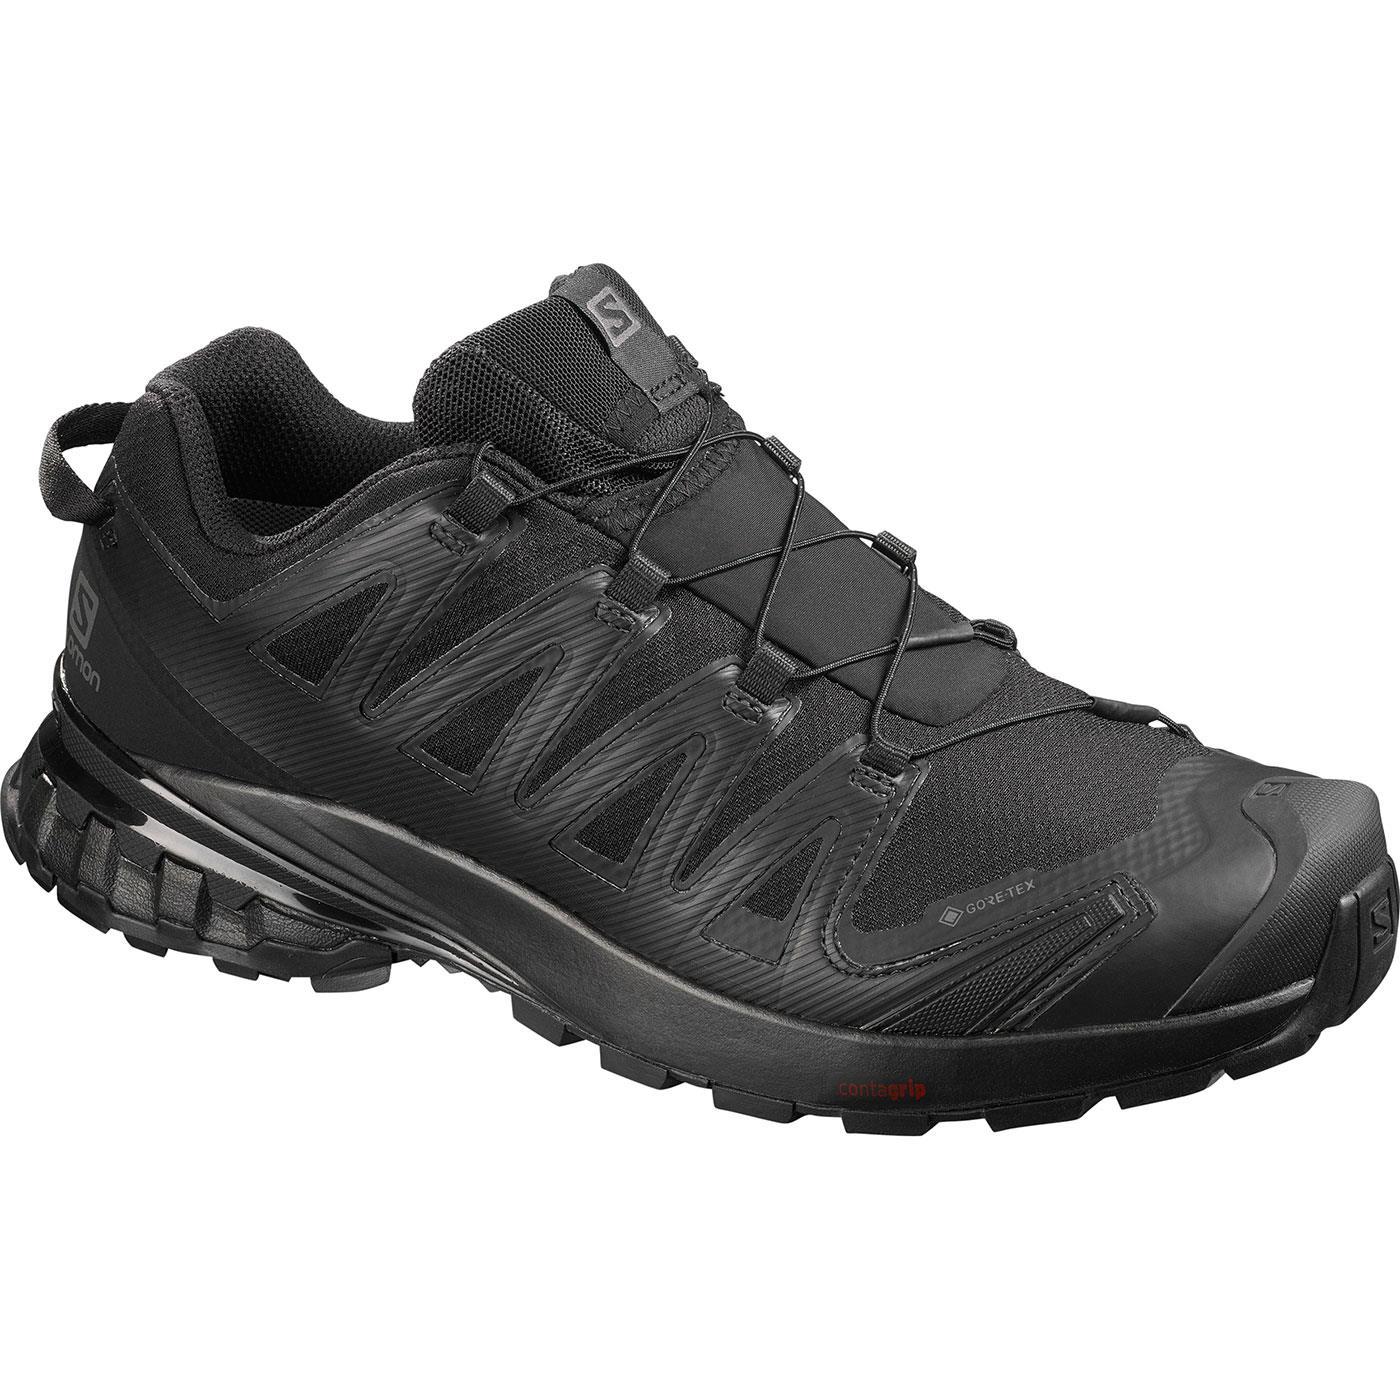 Salomon XA PRO 3D v8 GTX Erkek Ayakkabısı L40988900